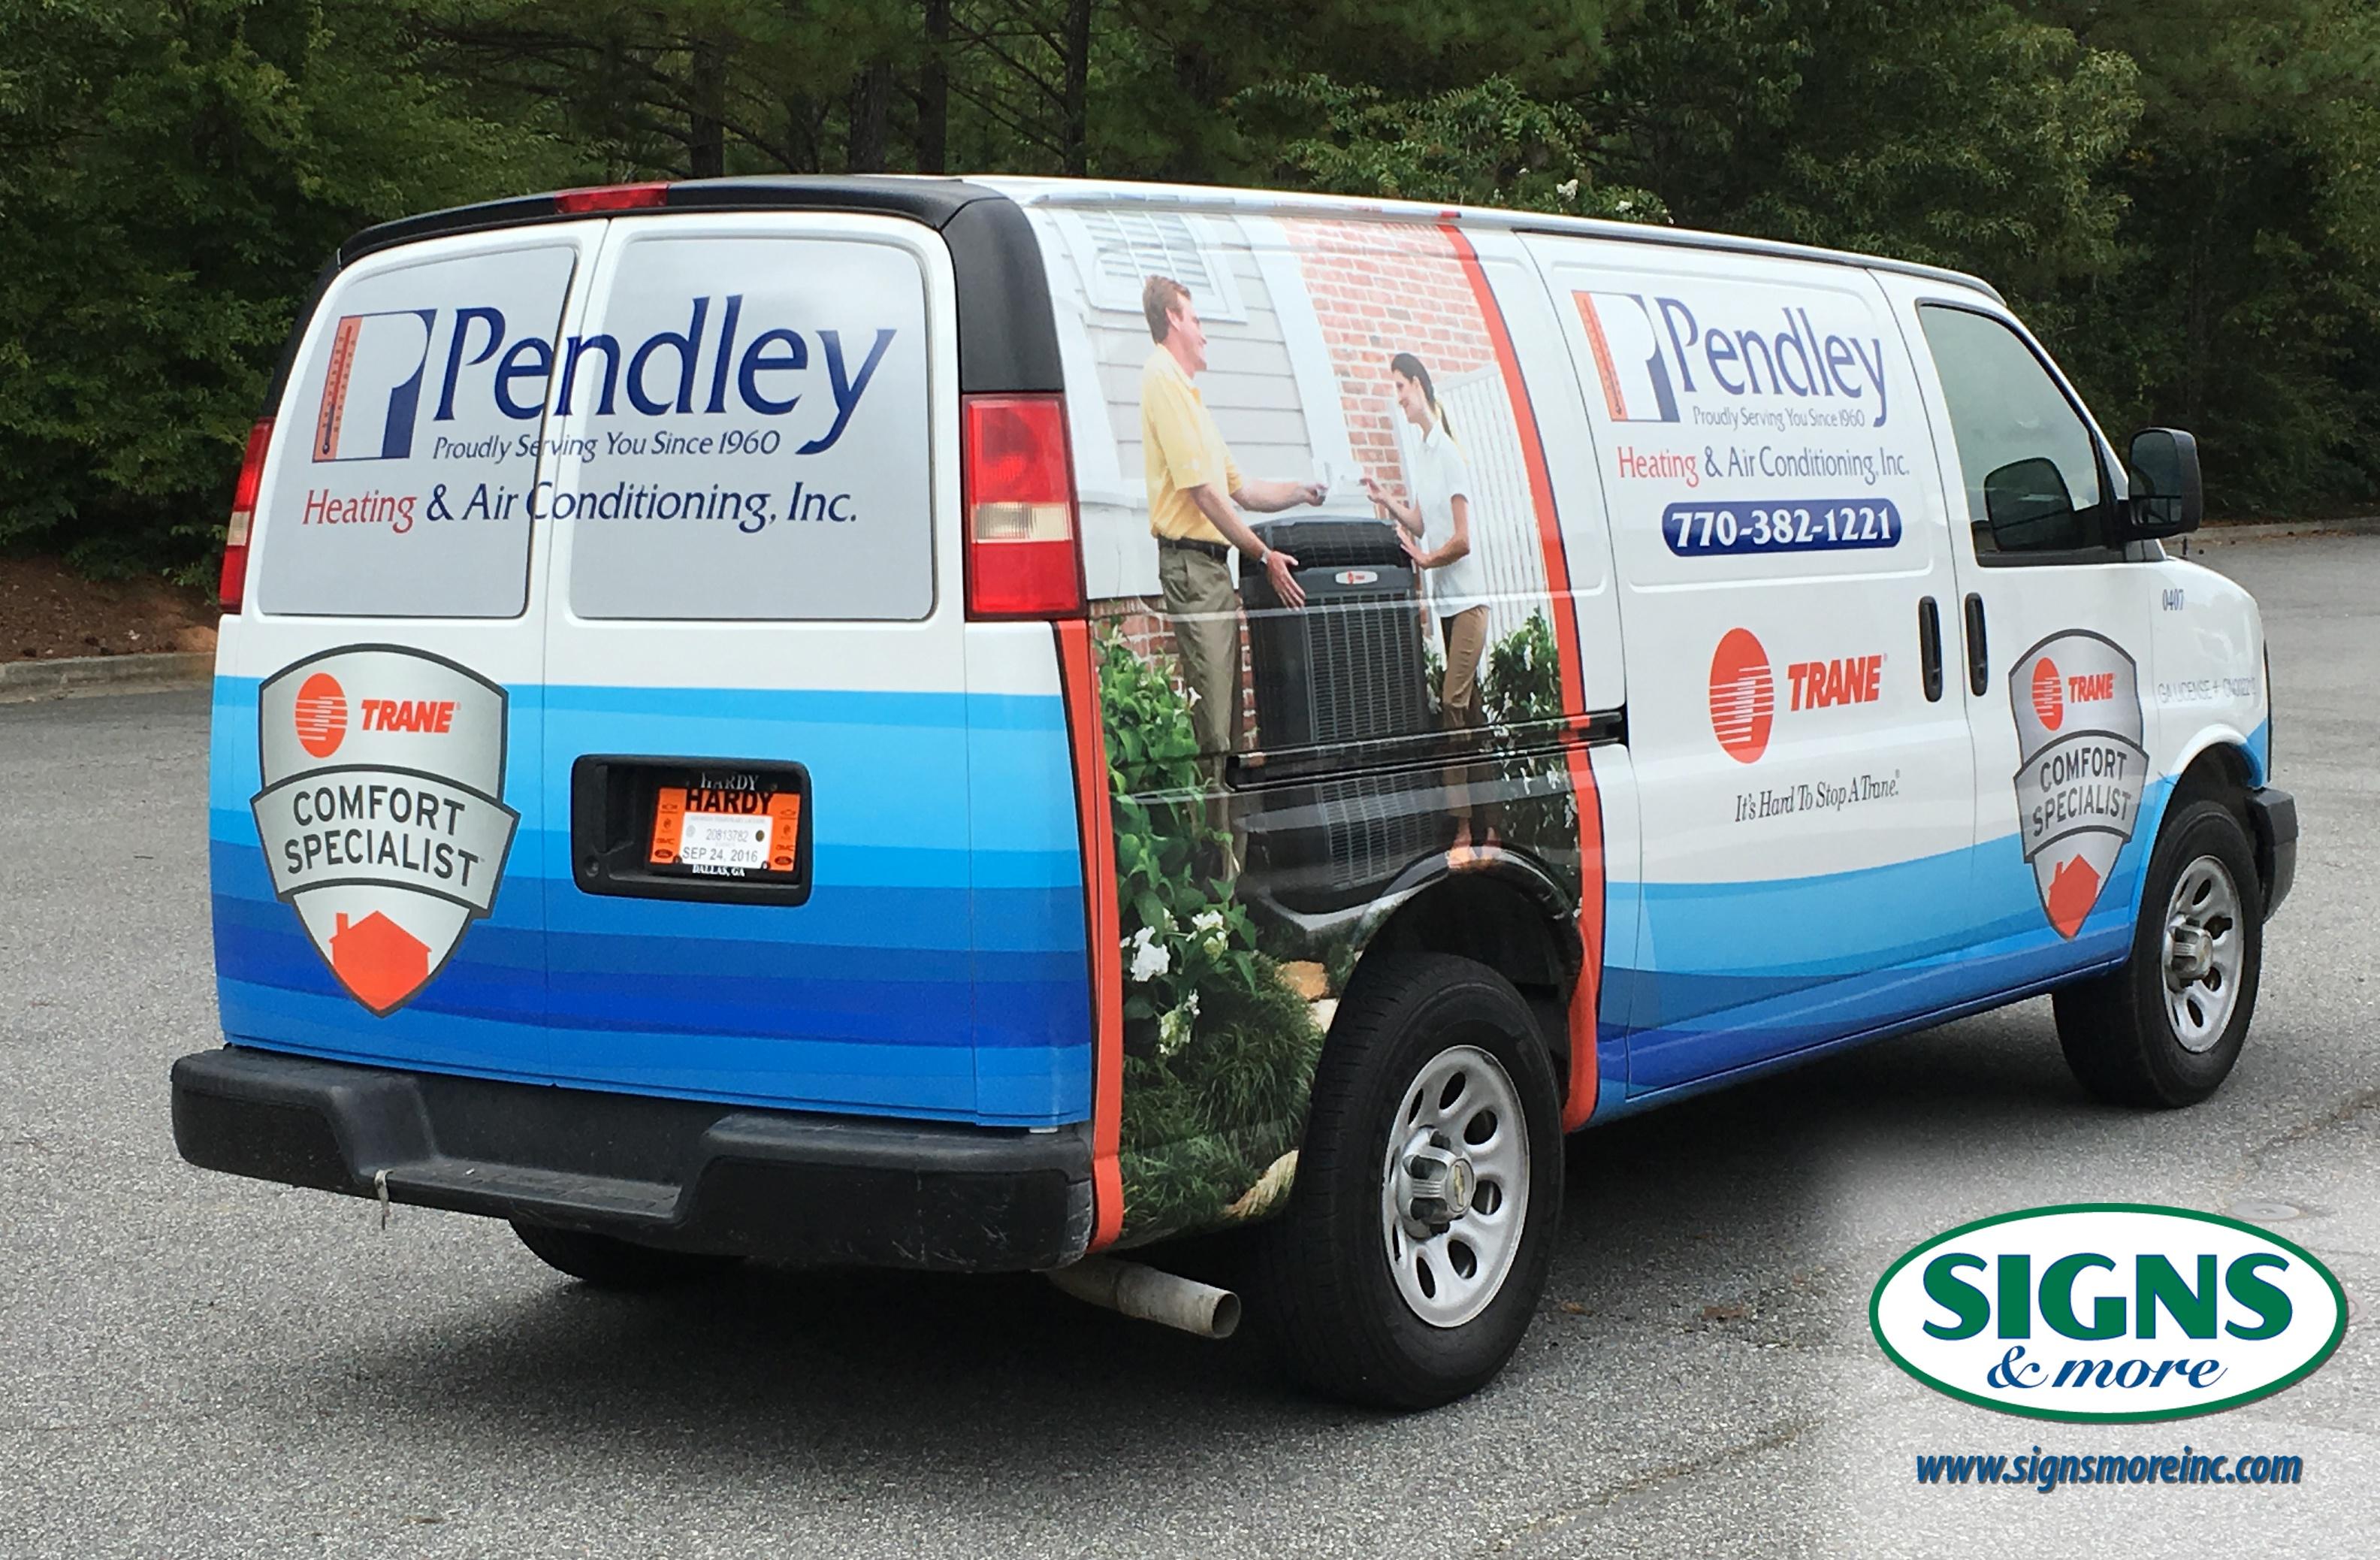 Pendley_-_Partial_Van_Wrap_-_Fleet.jpg